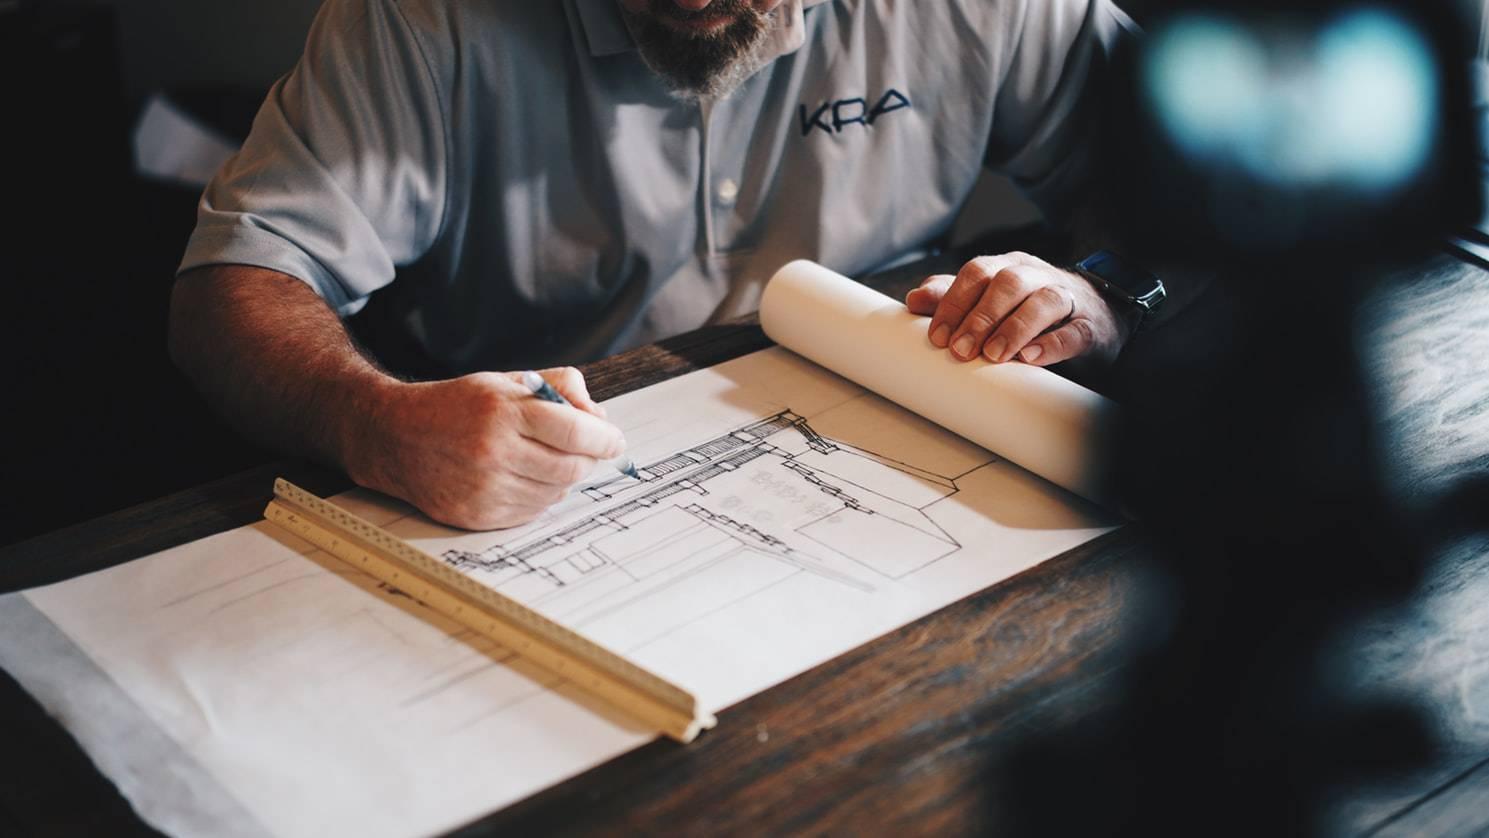 Bist du ein INTP Persönlichkeitstyp (Der Architekt)